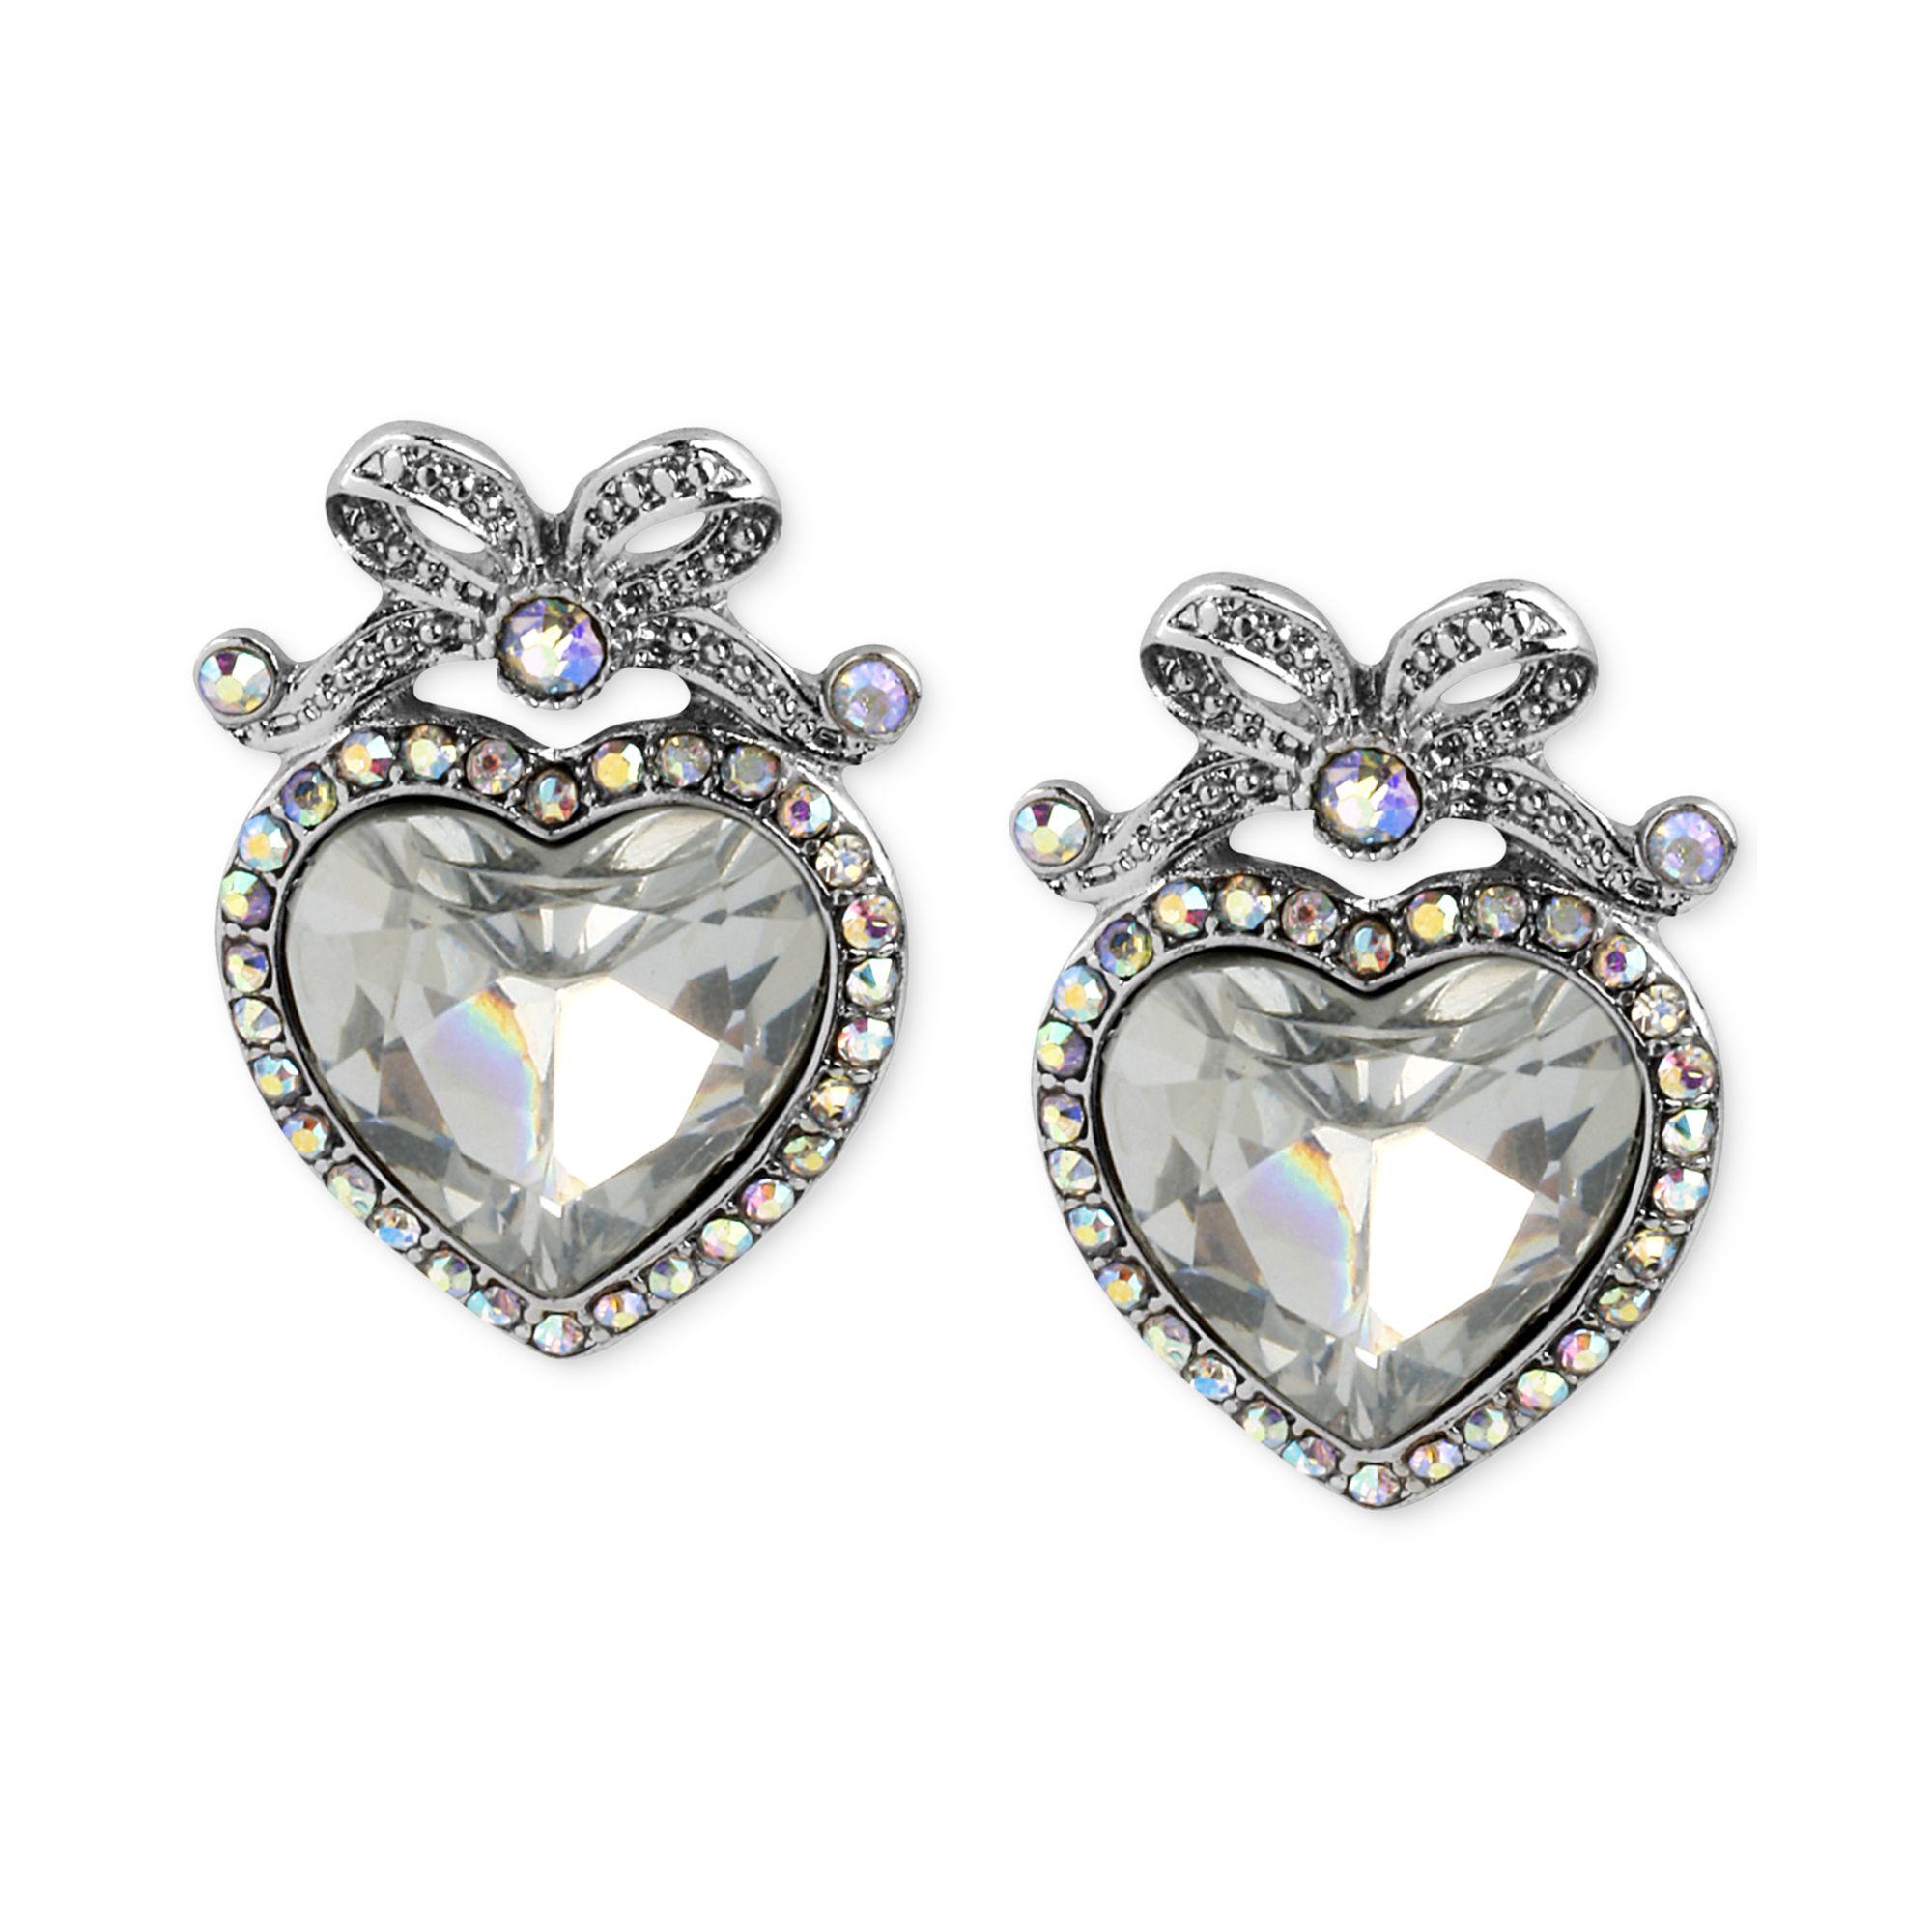 Betsey johnson Crystal Heart Bow Stud Earrings in Silver ...